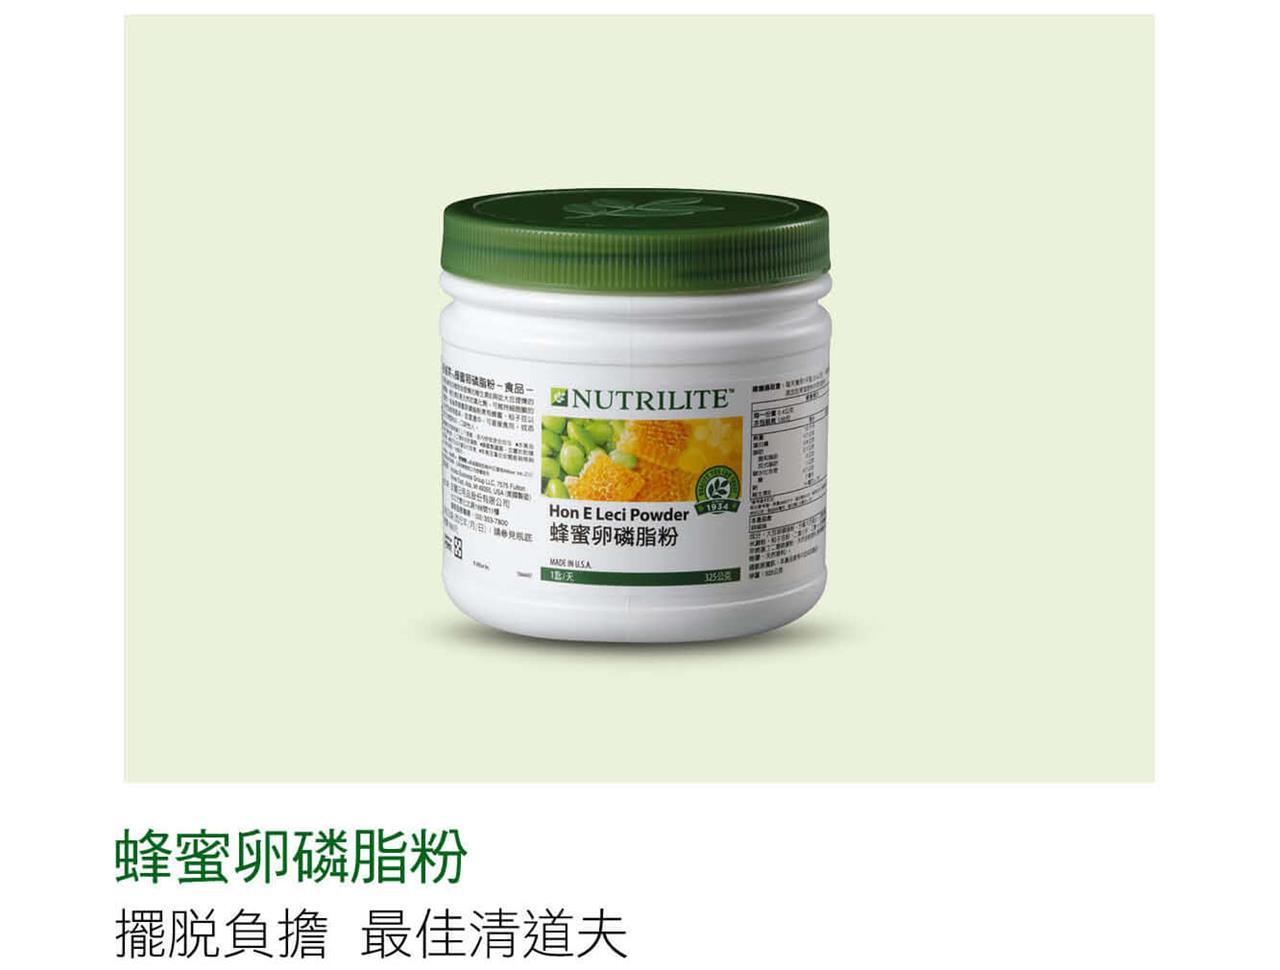 蜂蜜卵磷脂粉 擺脫負擔  最佳清道夫